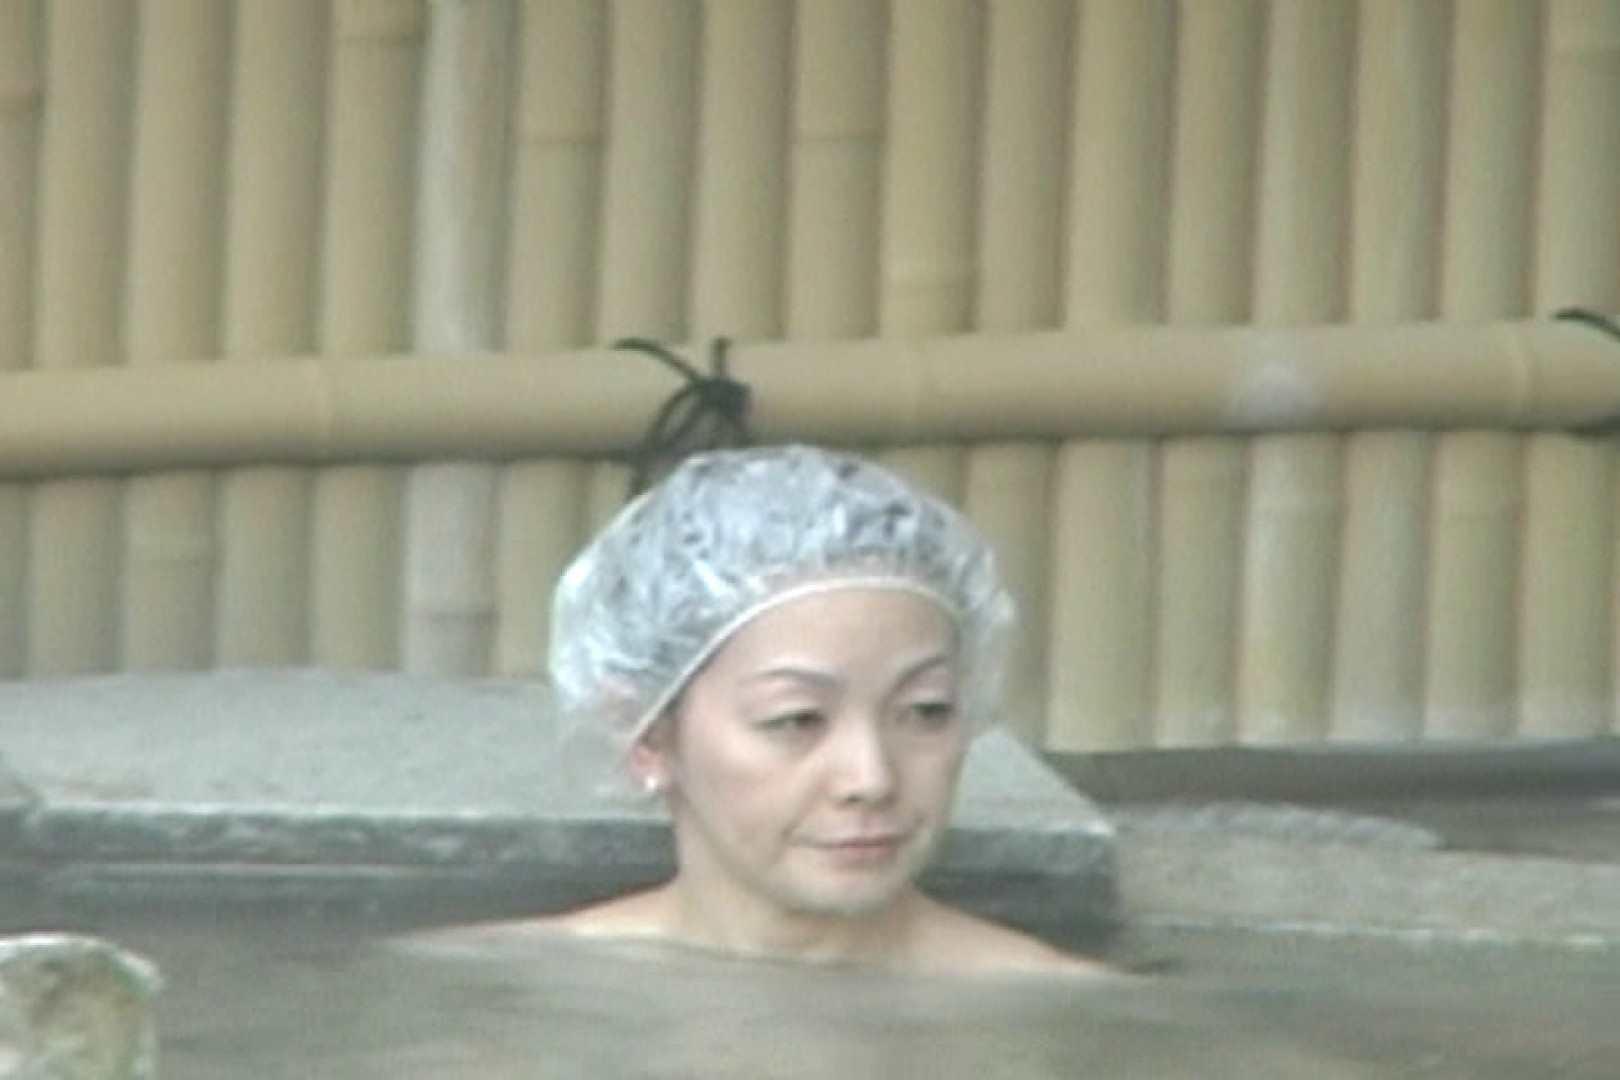 Aquaな露天風呂Vol.592 盗撮師作品 | 美しいOLの裸体  91pic 16